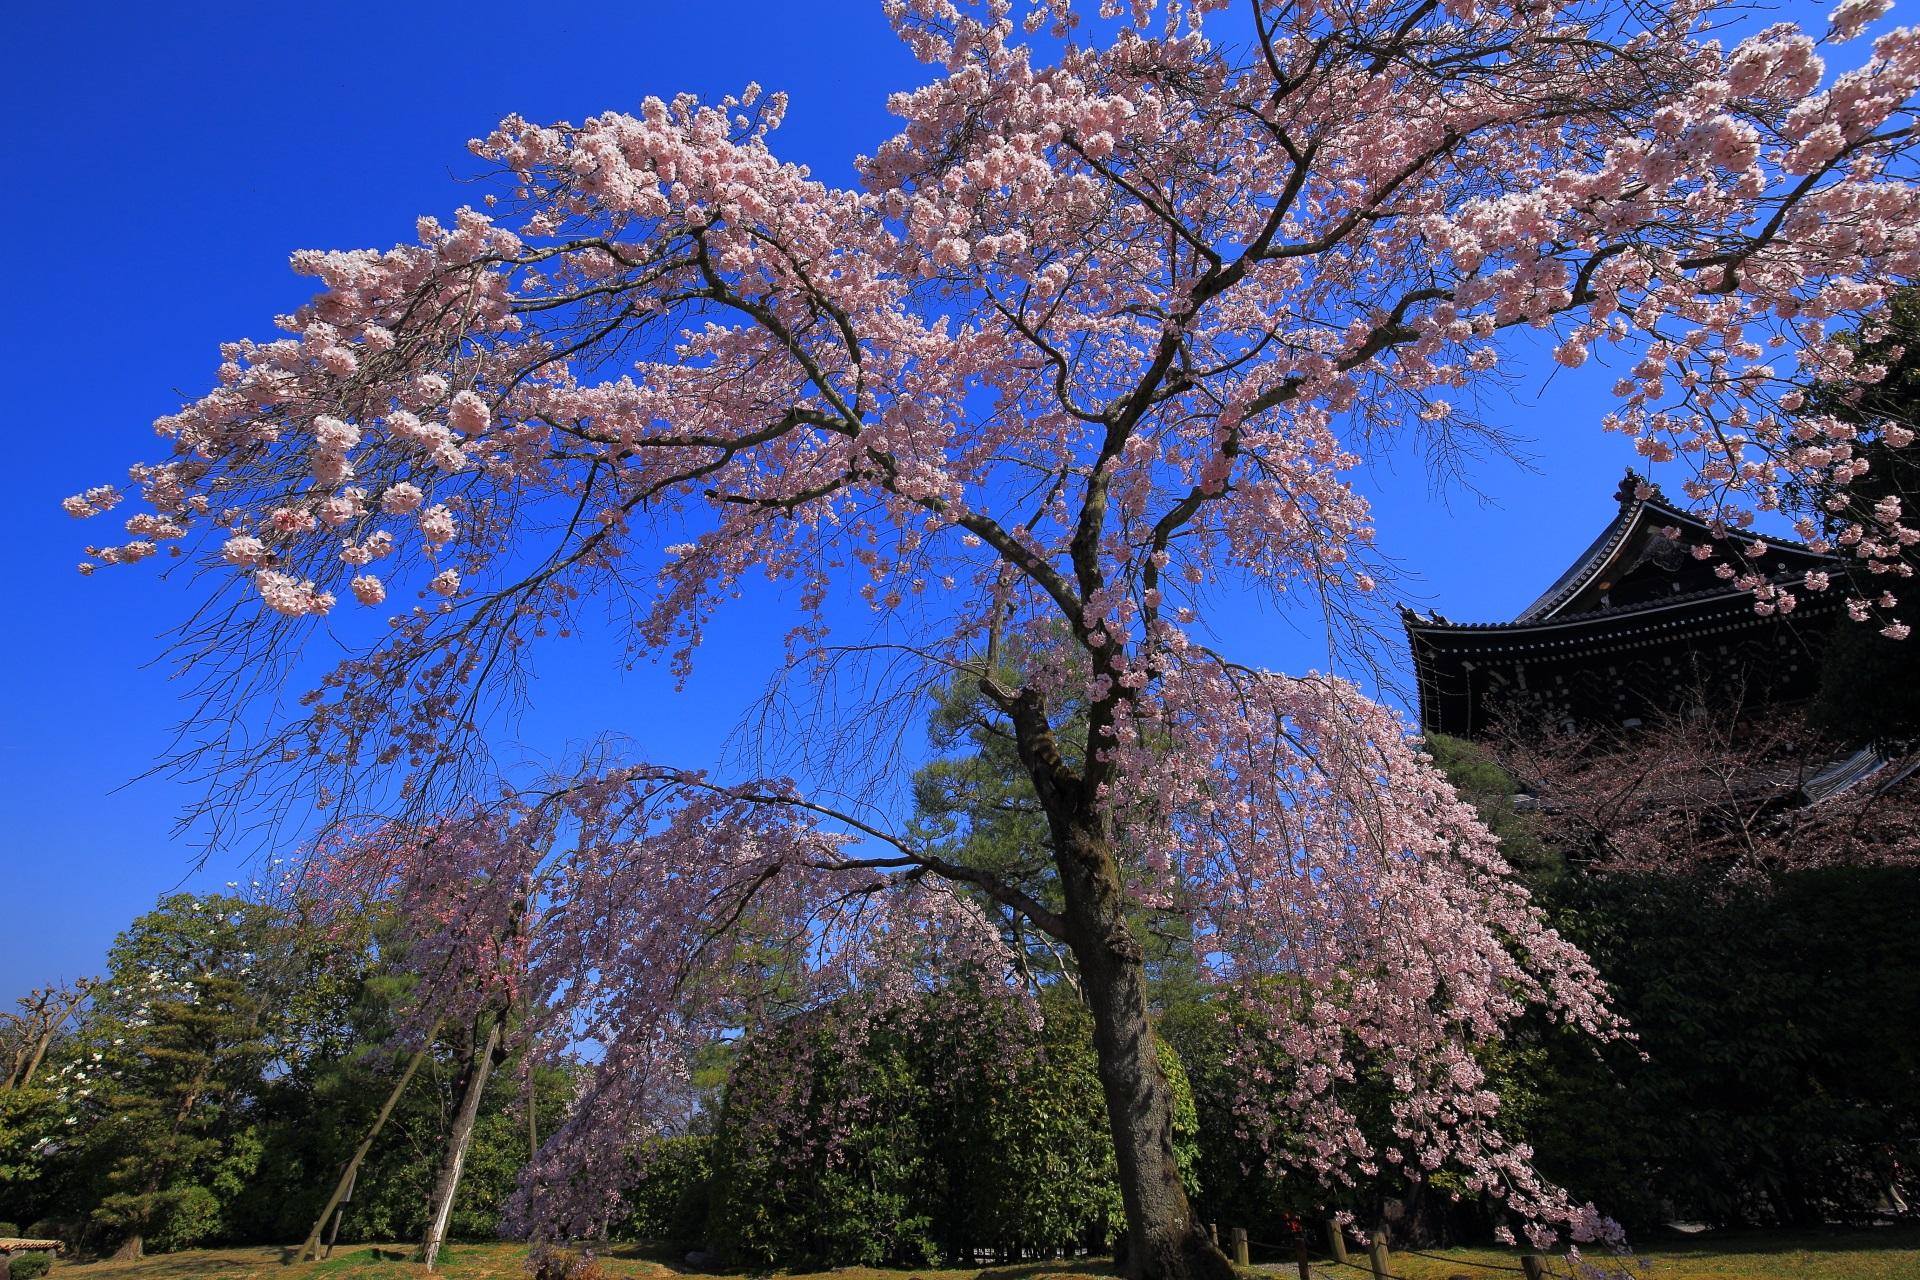 絵になるしだれ桜と三門の春に彩られた風景